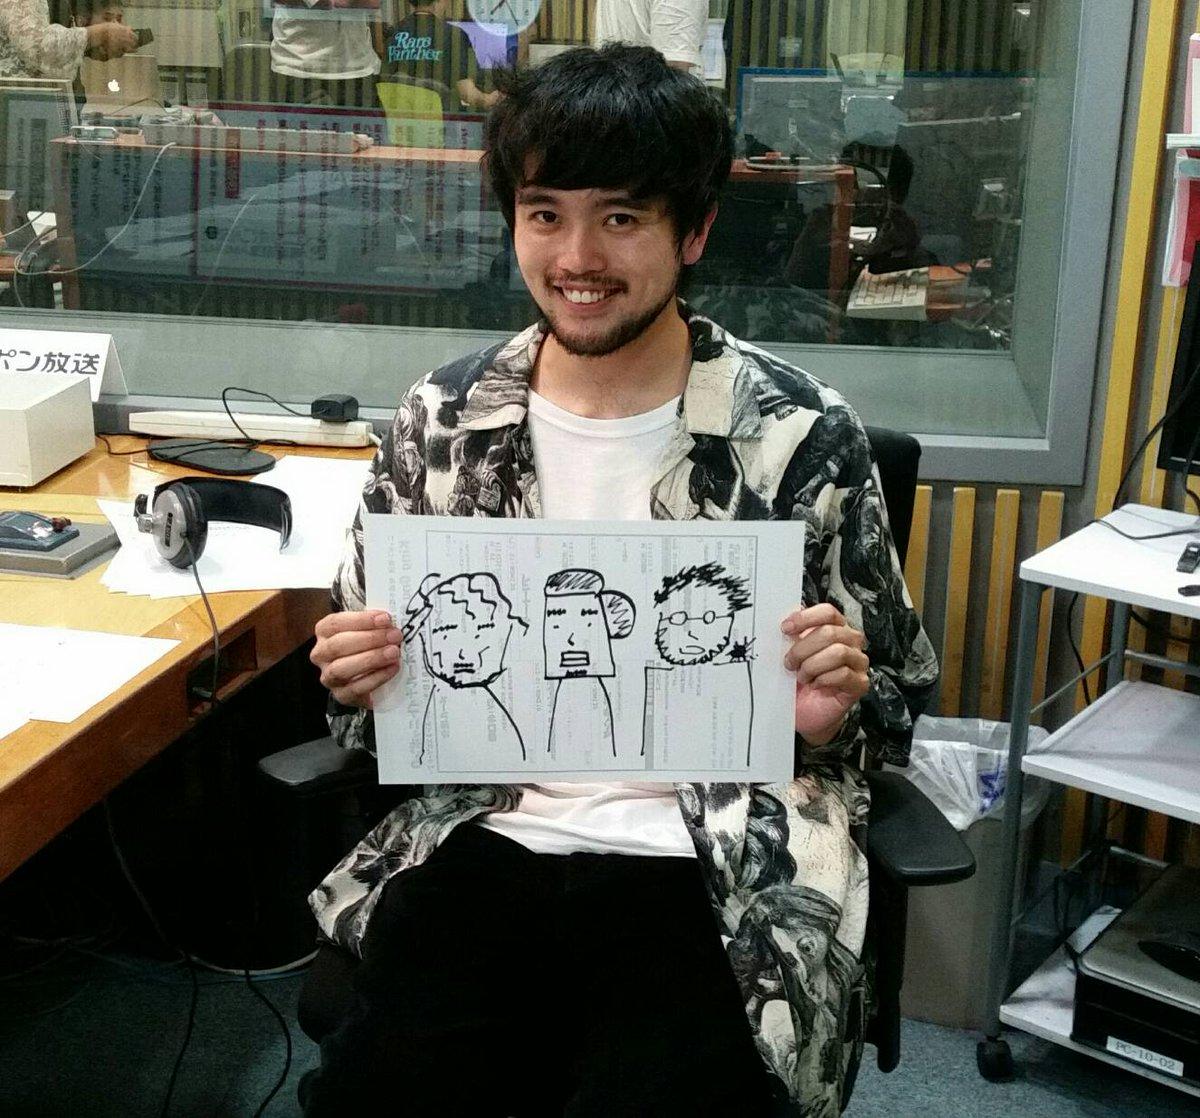 井口 King ラジオ gnu